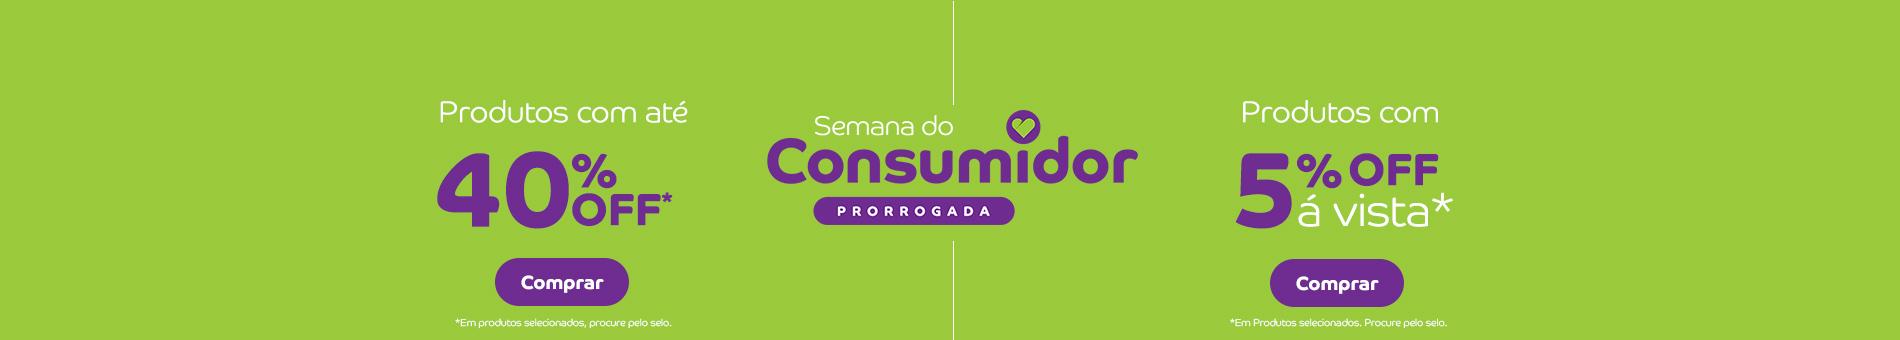 Promoção Interna - 3081 - prorrogadas_40off-5off_19032019_home1 - 40off-5off - 1